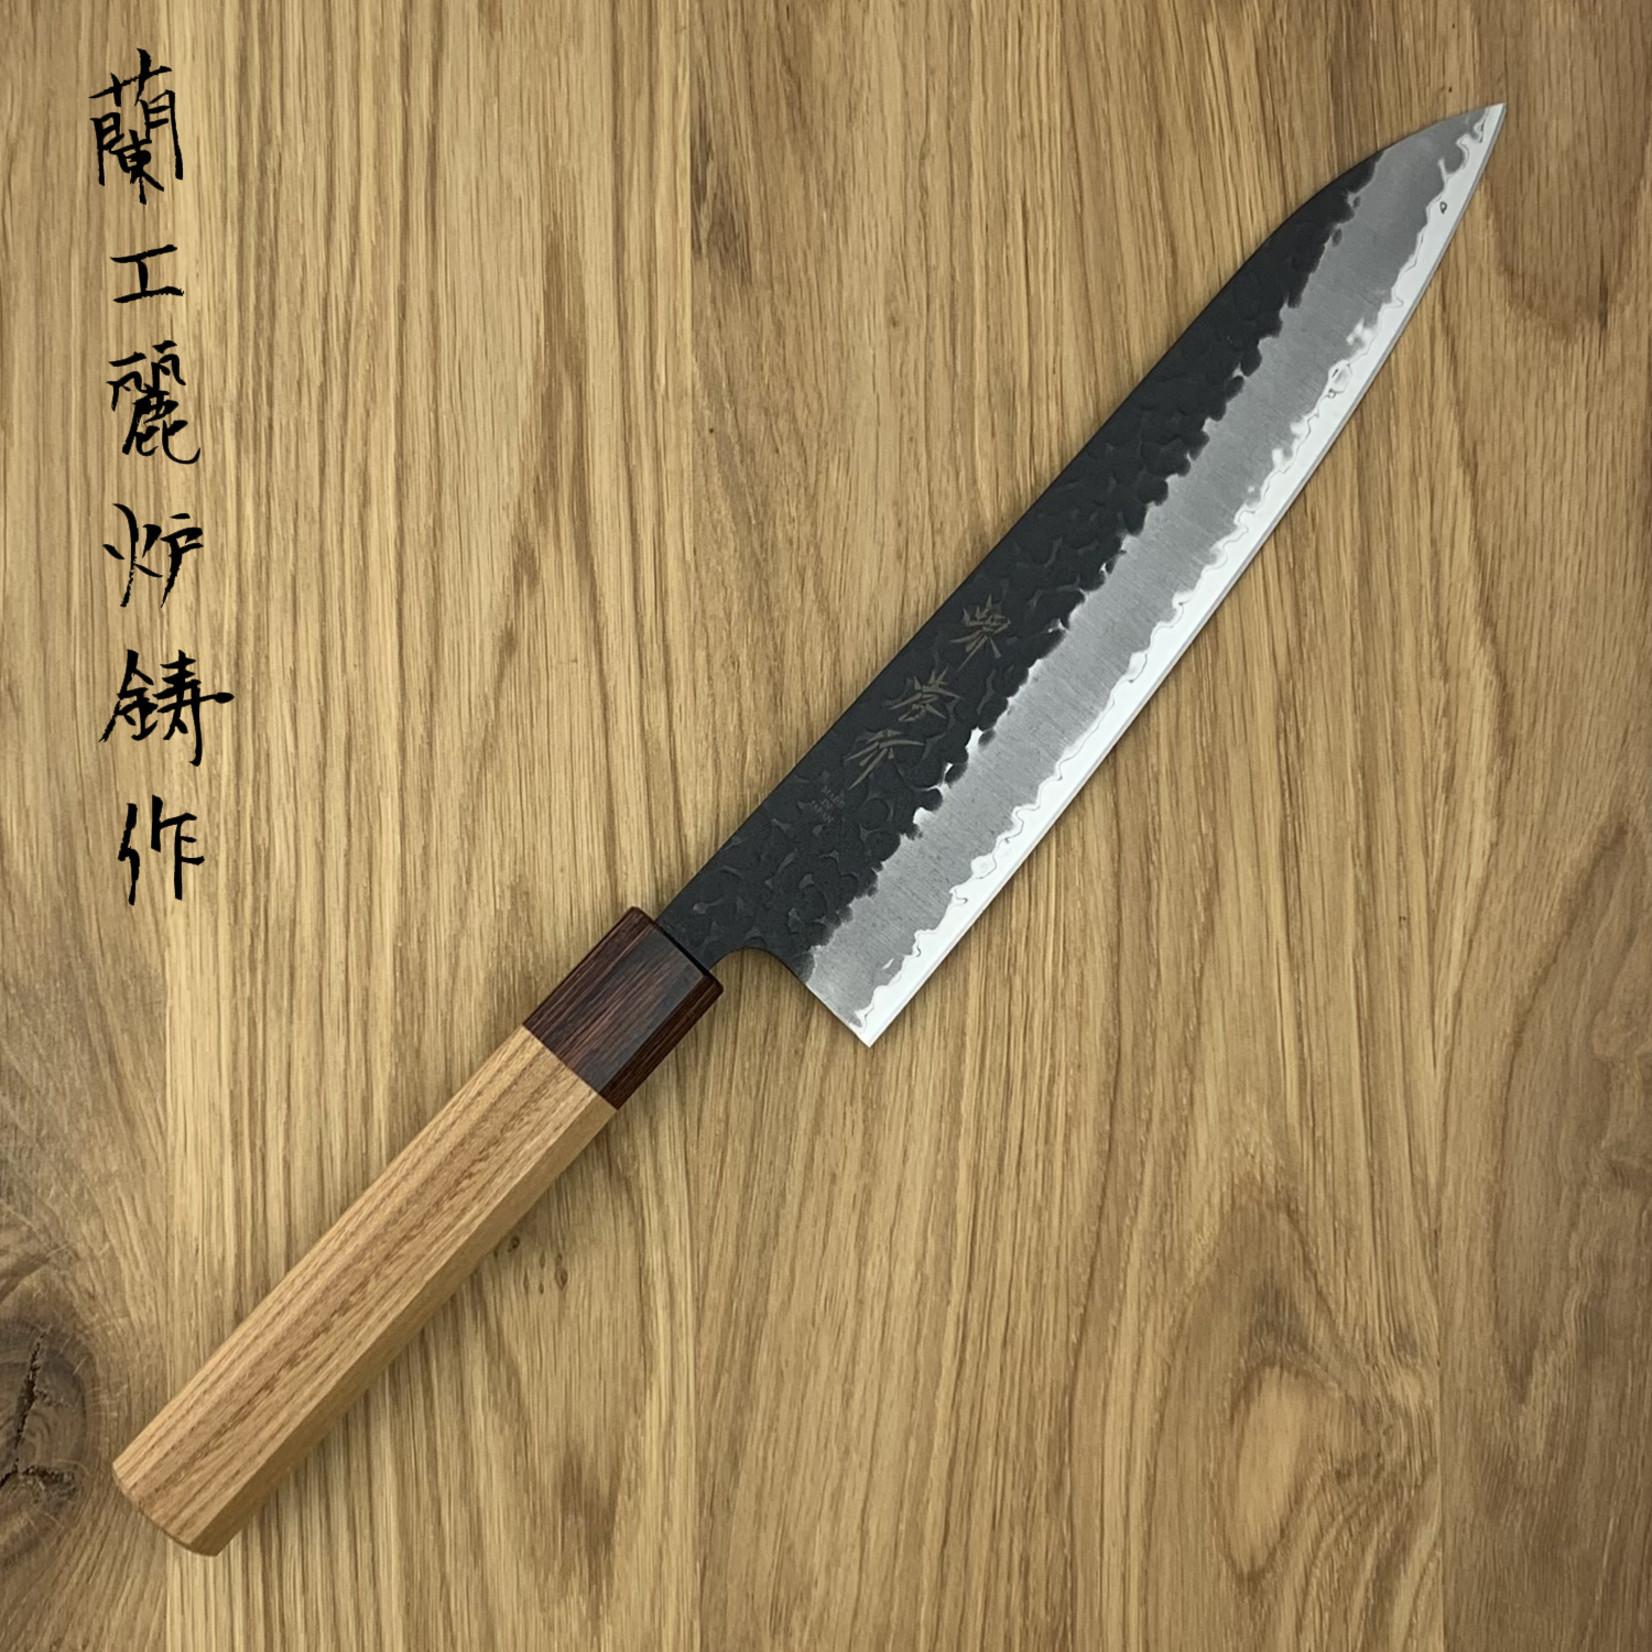 SAKAI TAKAYUKI Gyuto 210 mm 3 layers hammered AS+ Zelkova 01193